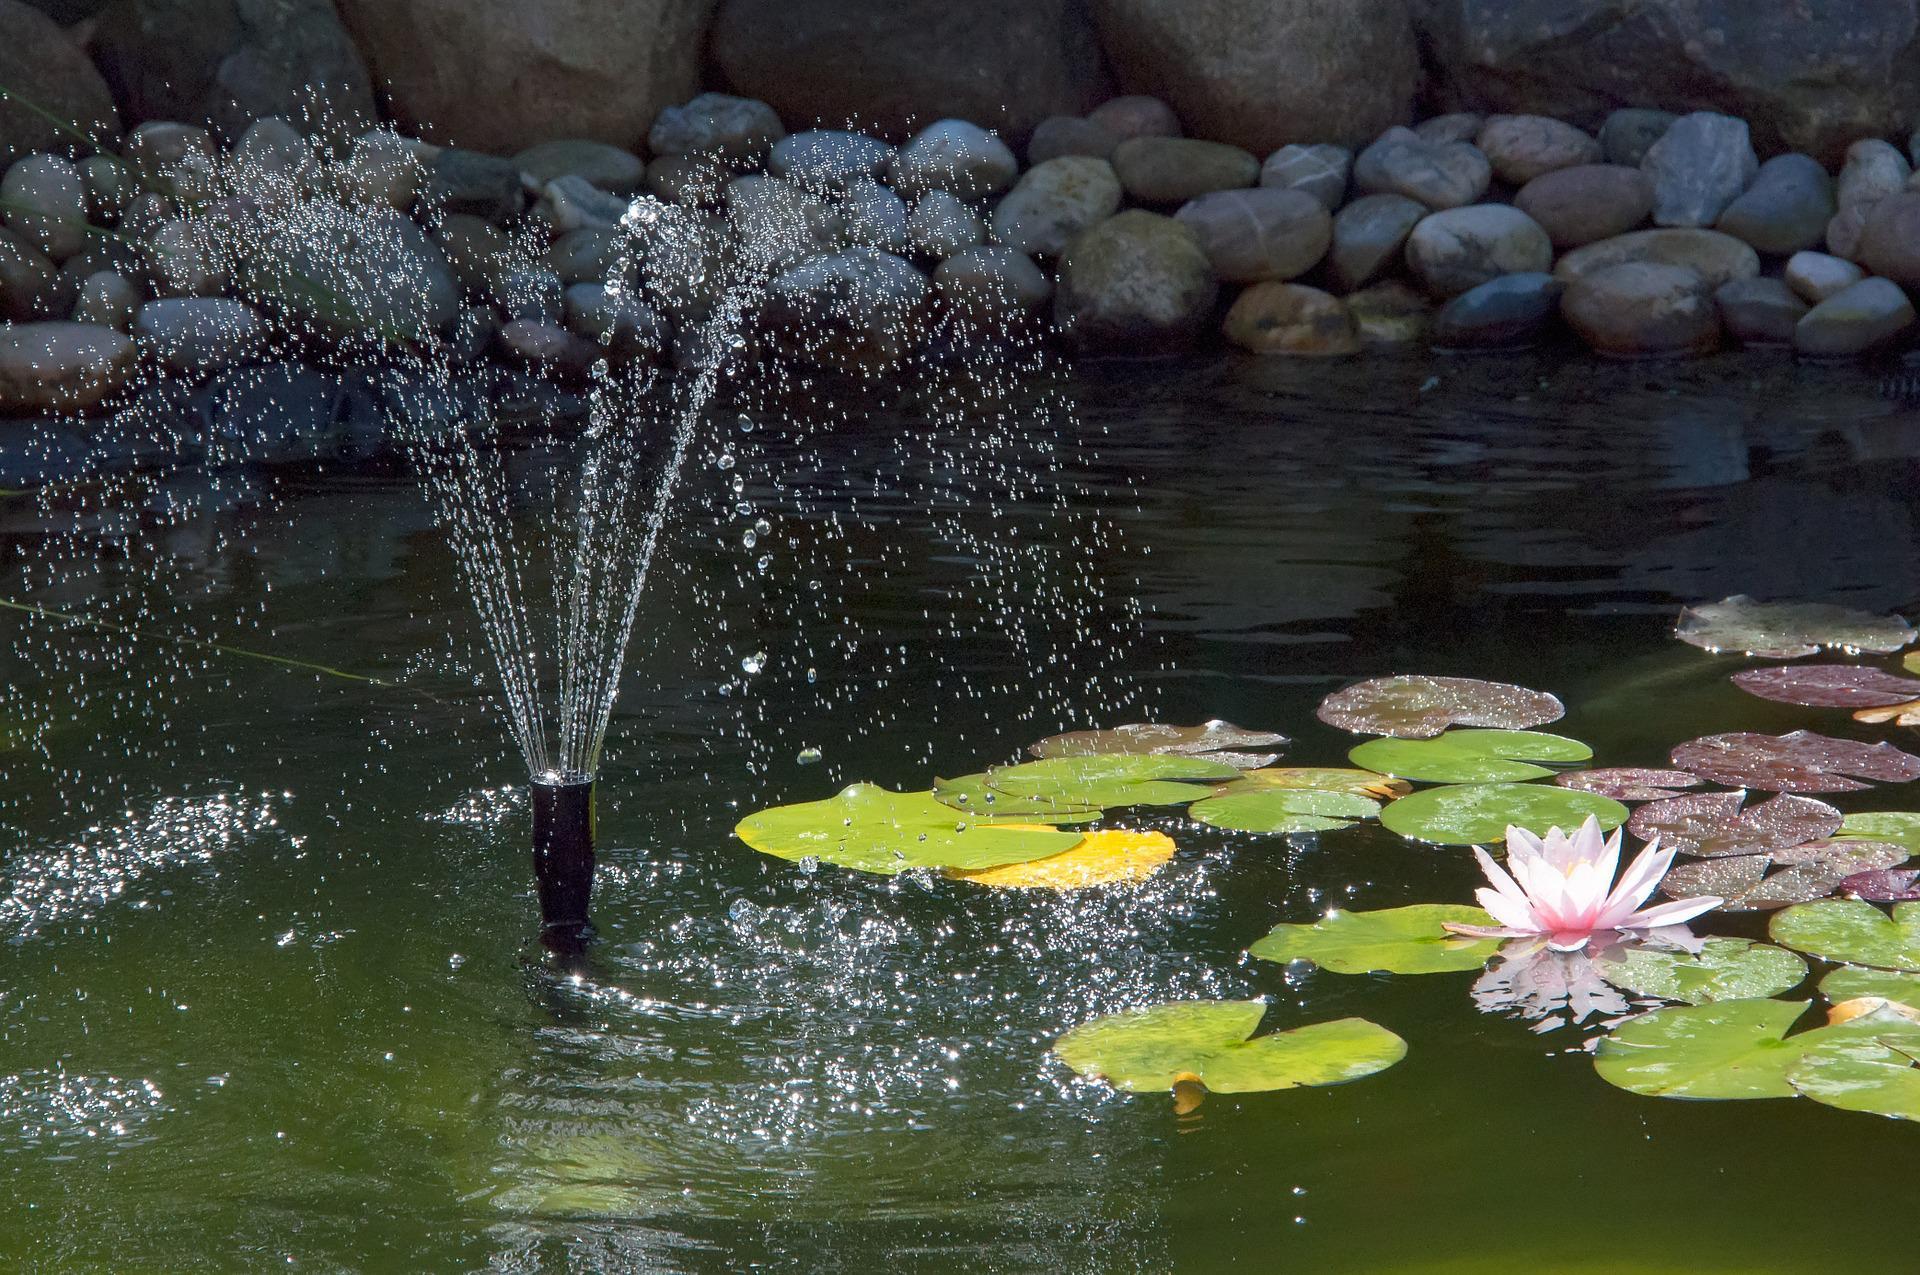 Flot springvand, der hverken koster dig eller miljøet